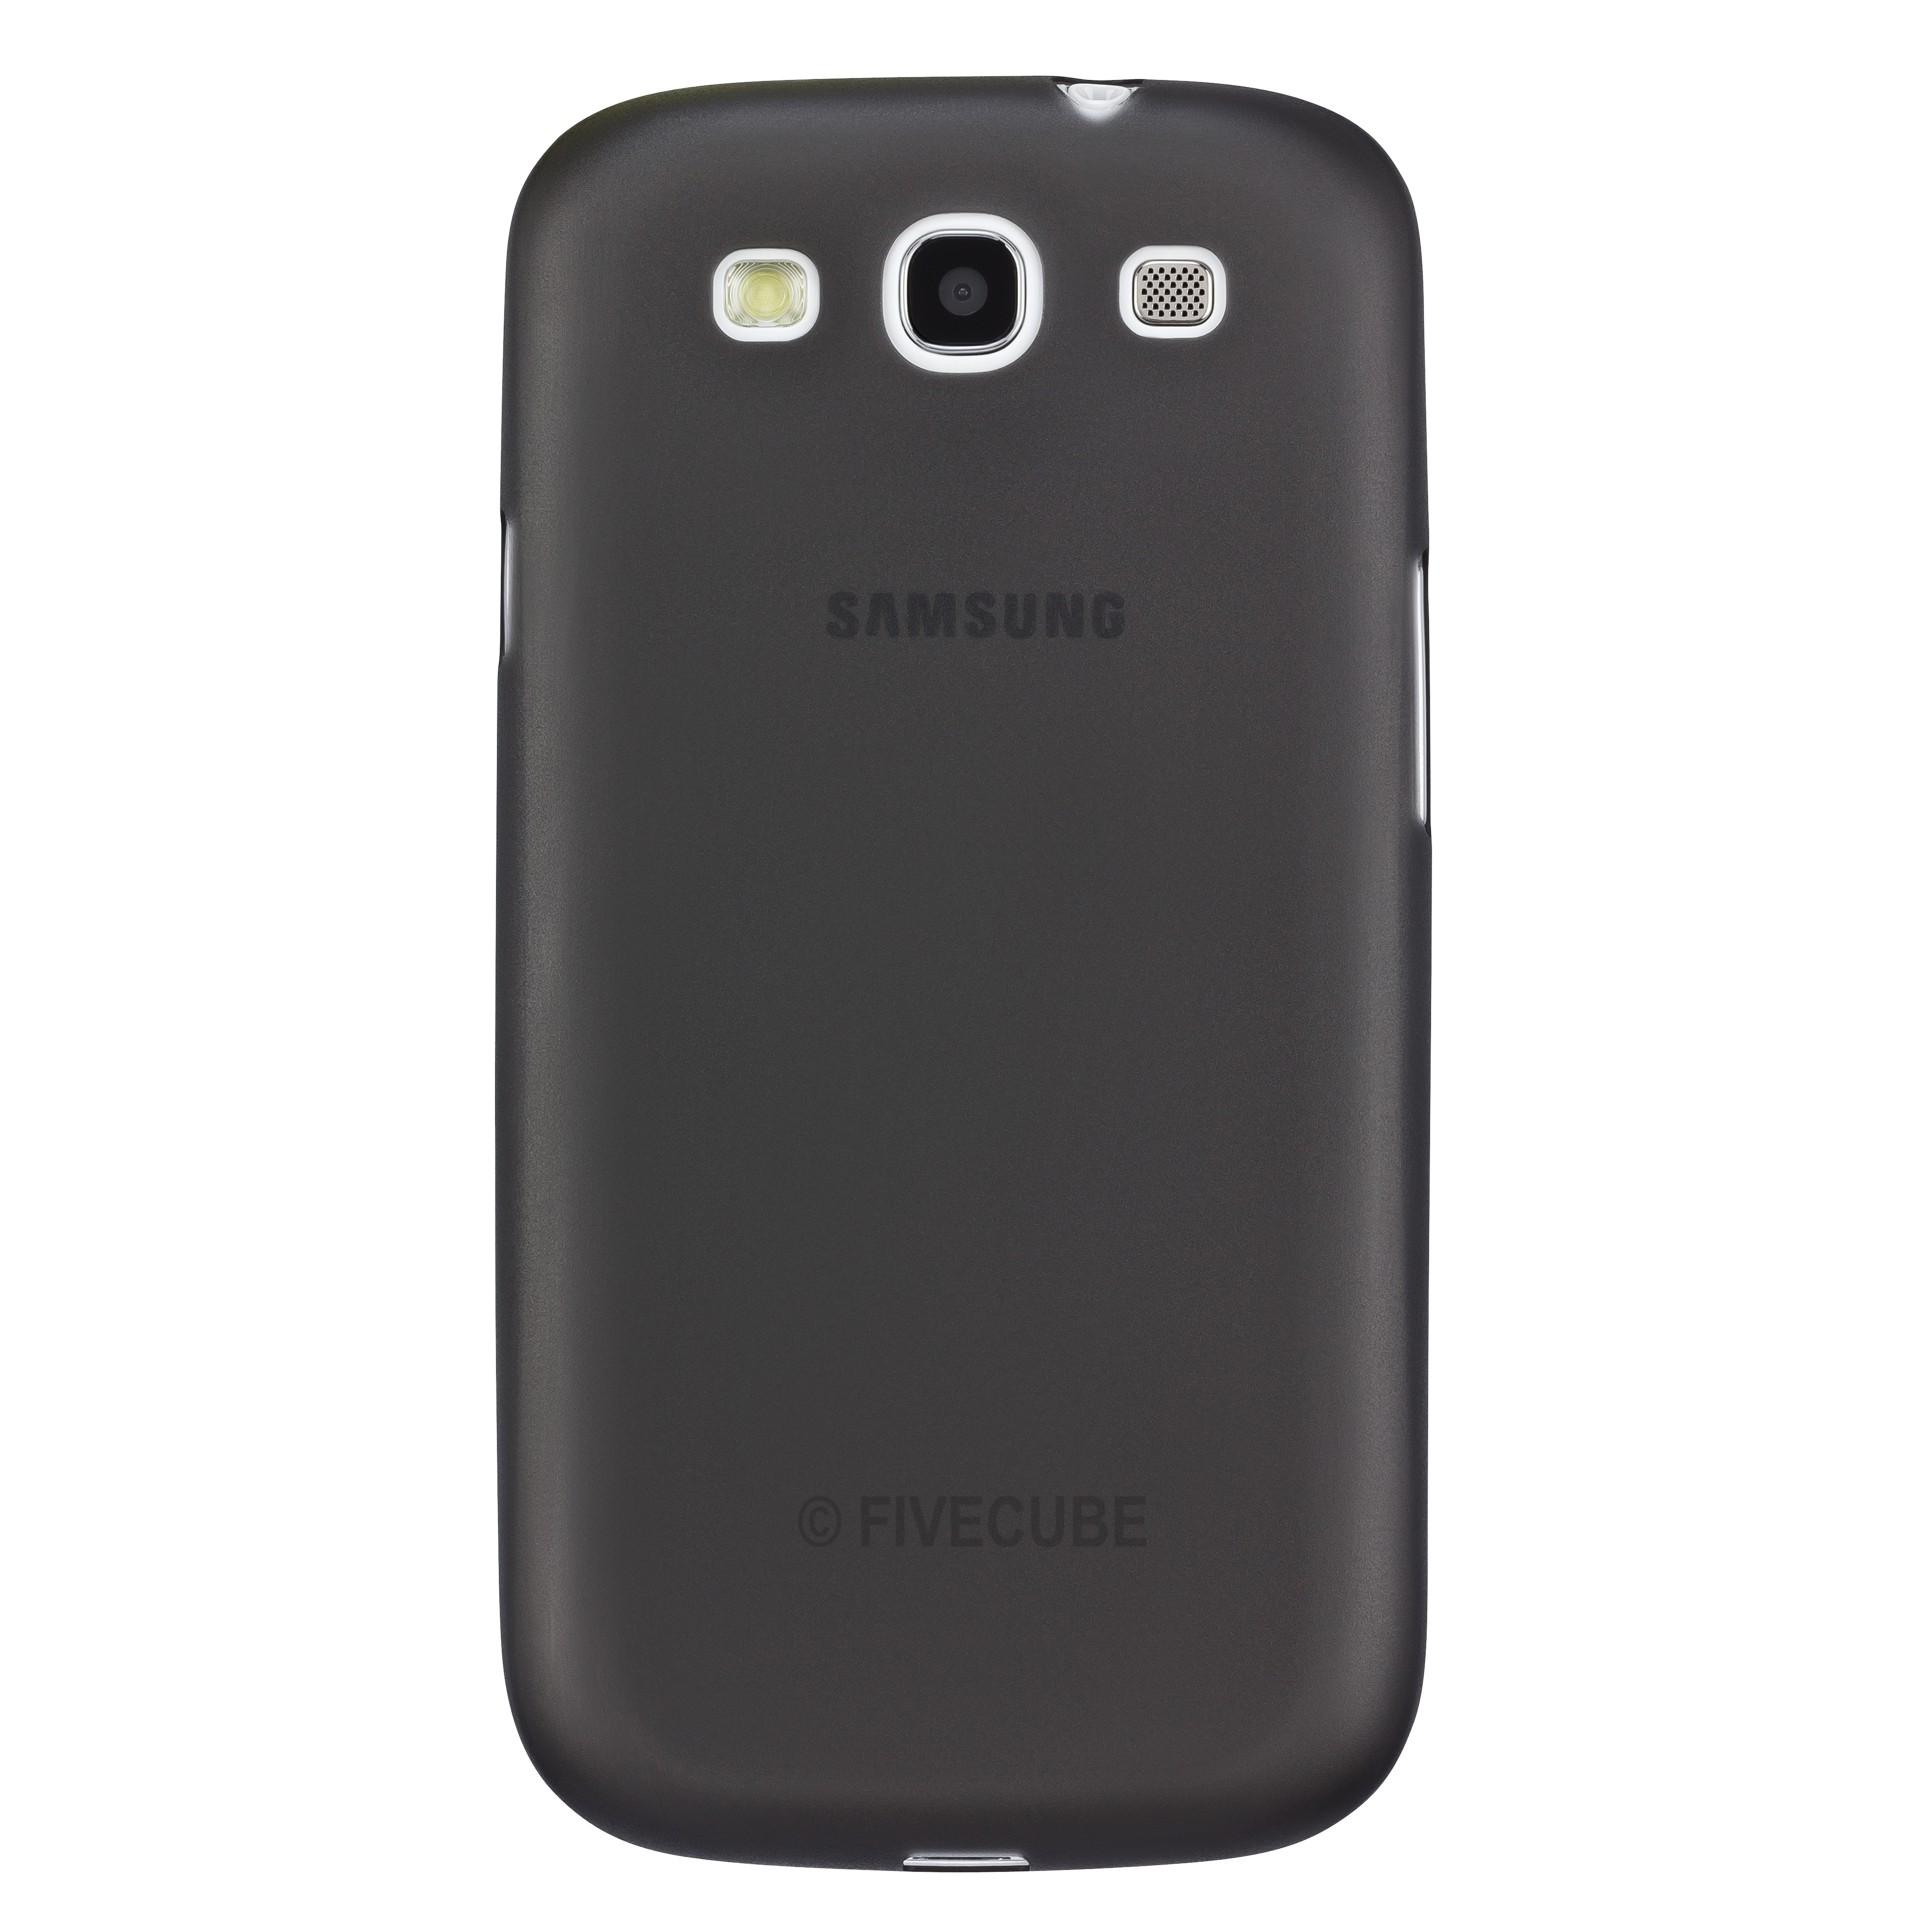 Yemota Pro Slimcase für Samsung Galaxy S3 - Schwarz